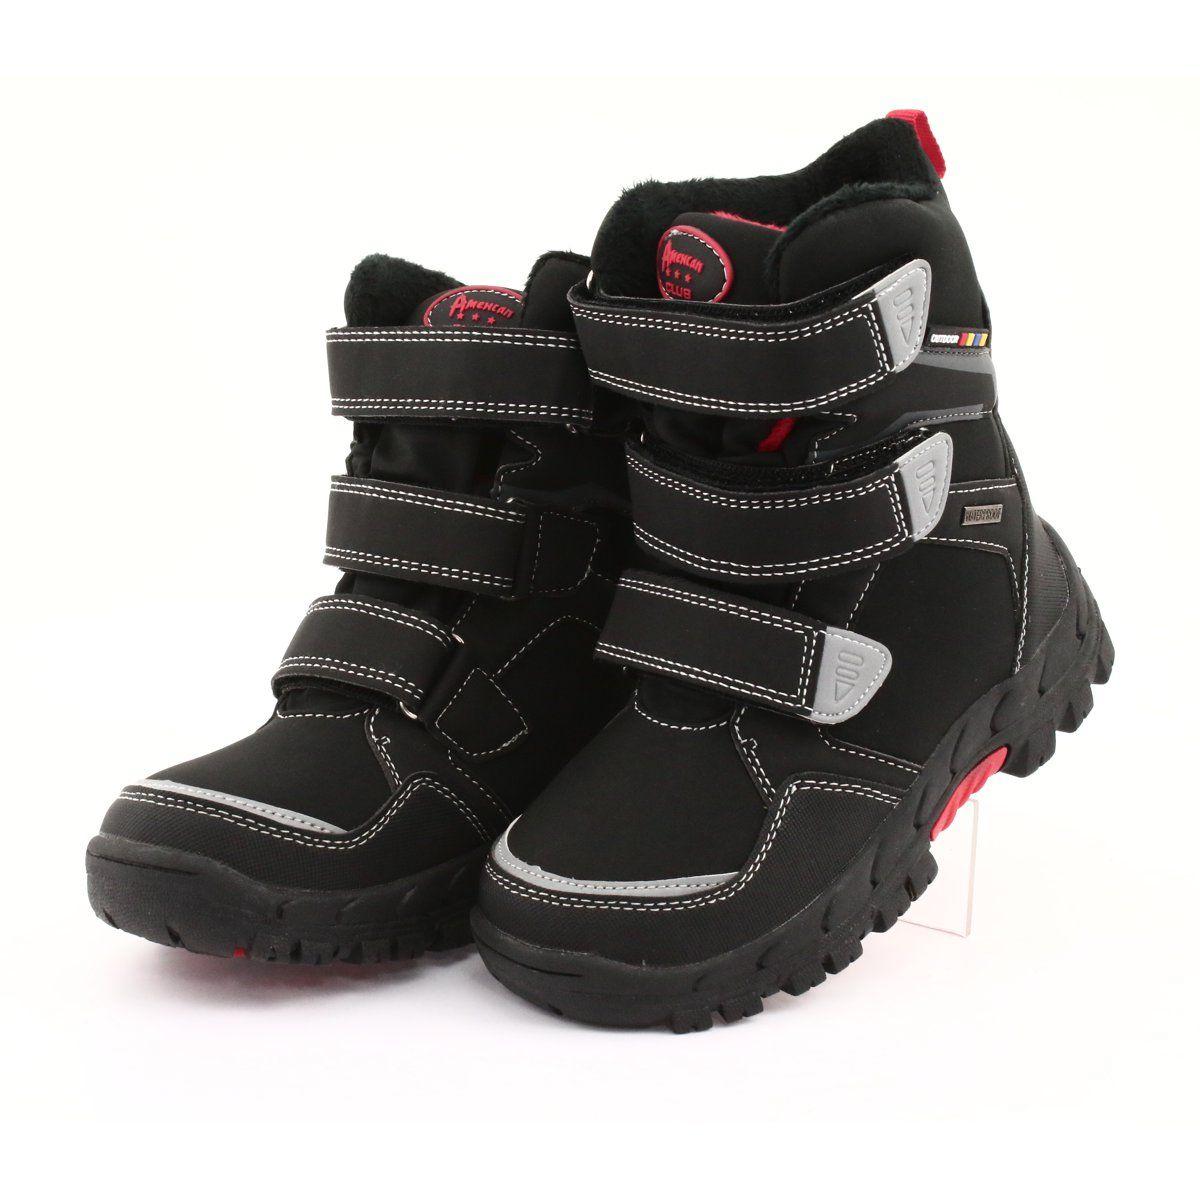 Kozaki Z Membrana American Club Rl32 Czarne Czerwone Boots Childrens Boots Kid Shoes